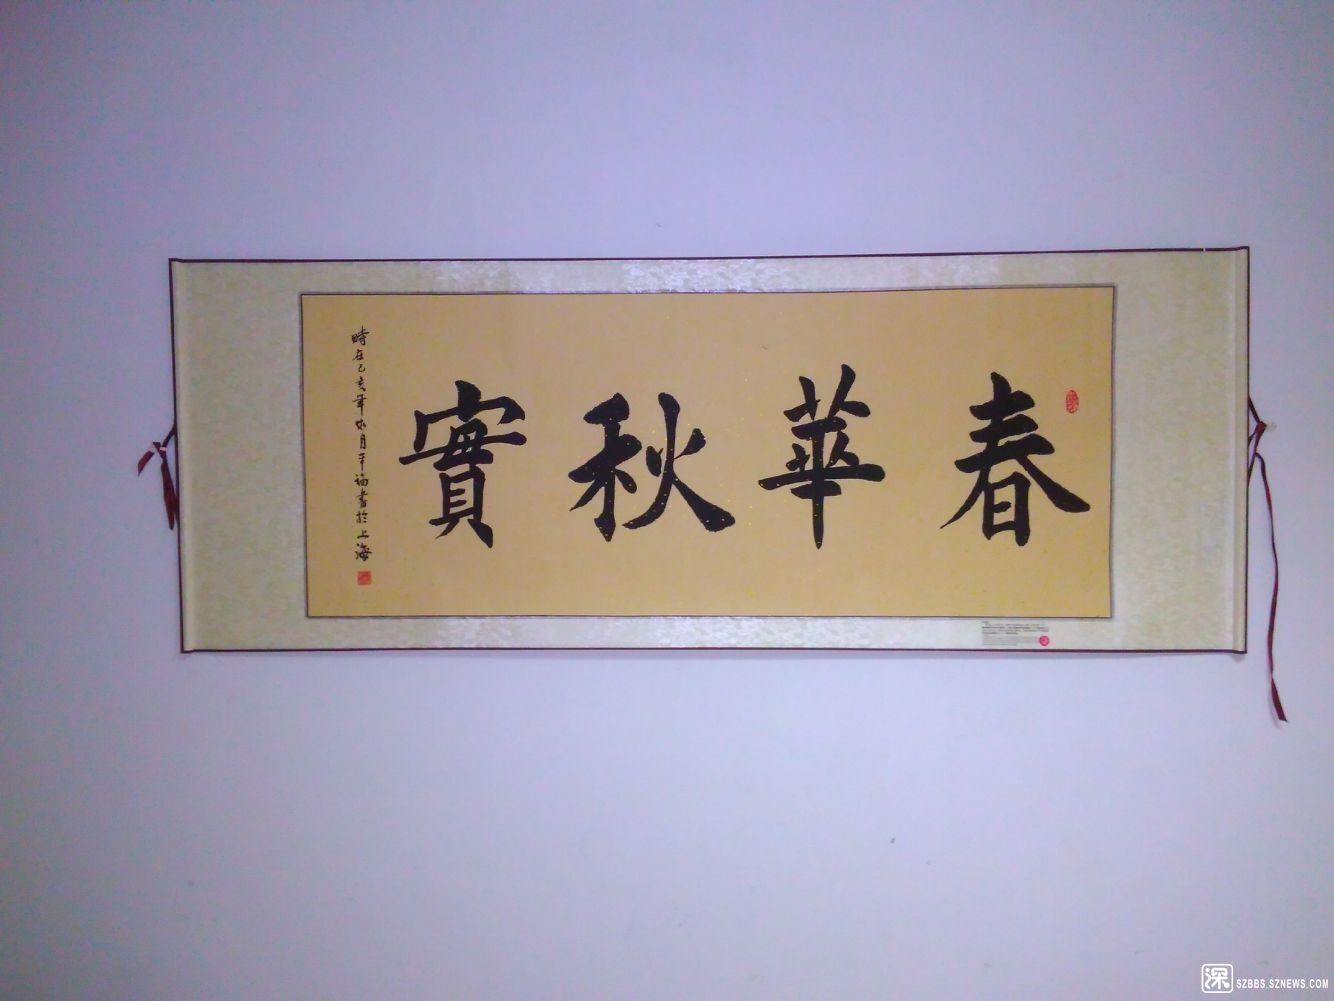 马平福 国际知名书画家 收藏级艺术品213.jpg